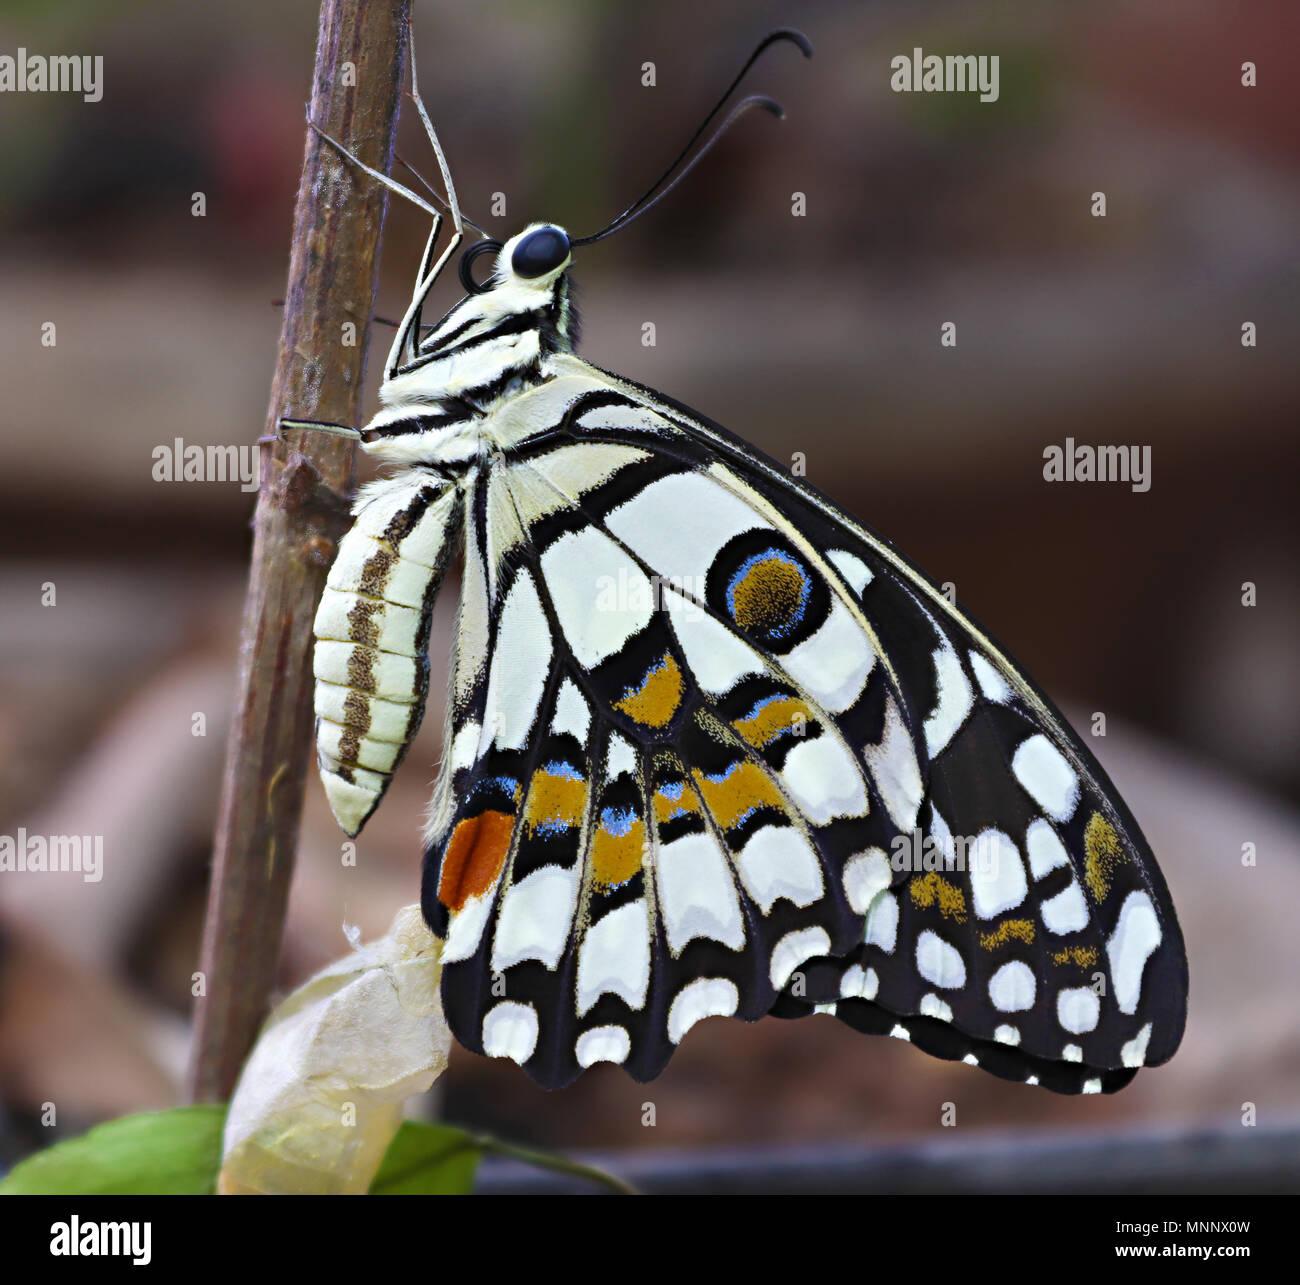 Appena emerso calce Butterfly pronto a volare Immagini Stock